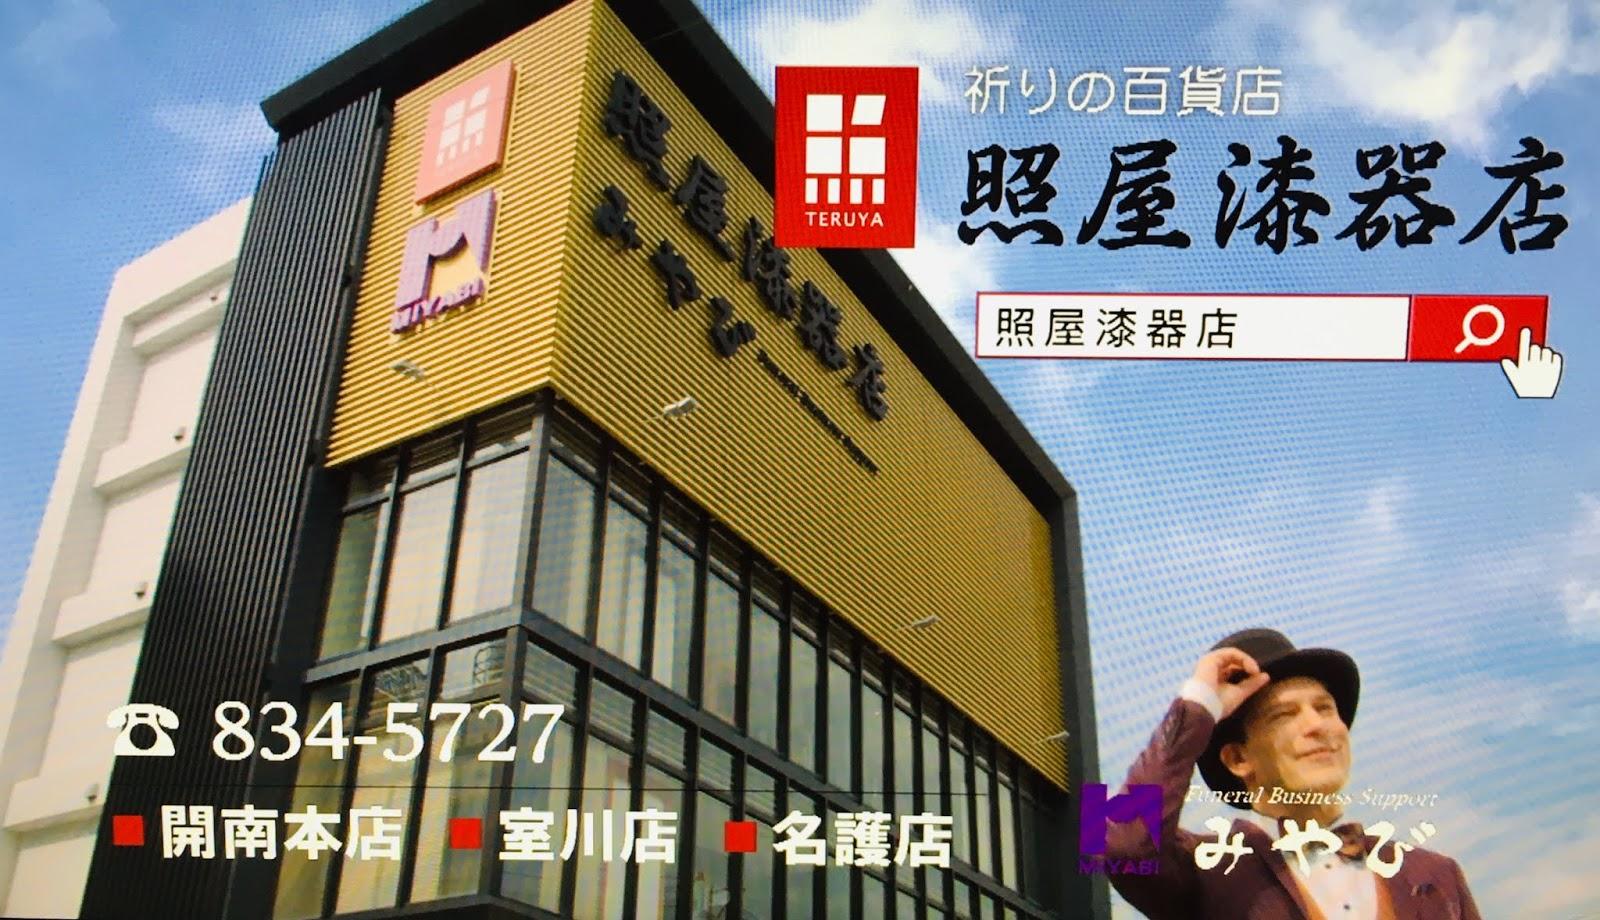 沖縄CM 照屋漆器店 ジリ・ヴァンソン